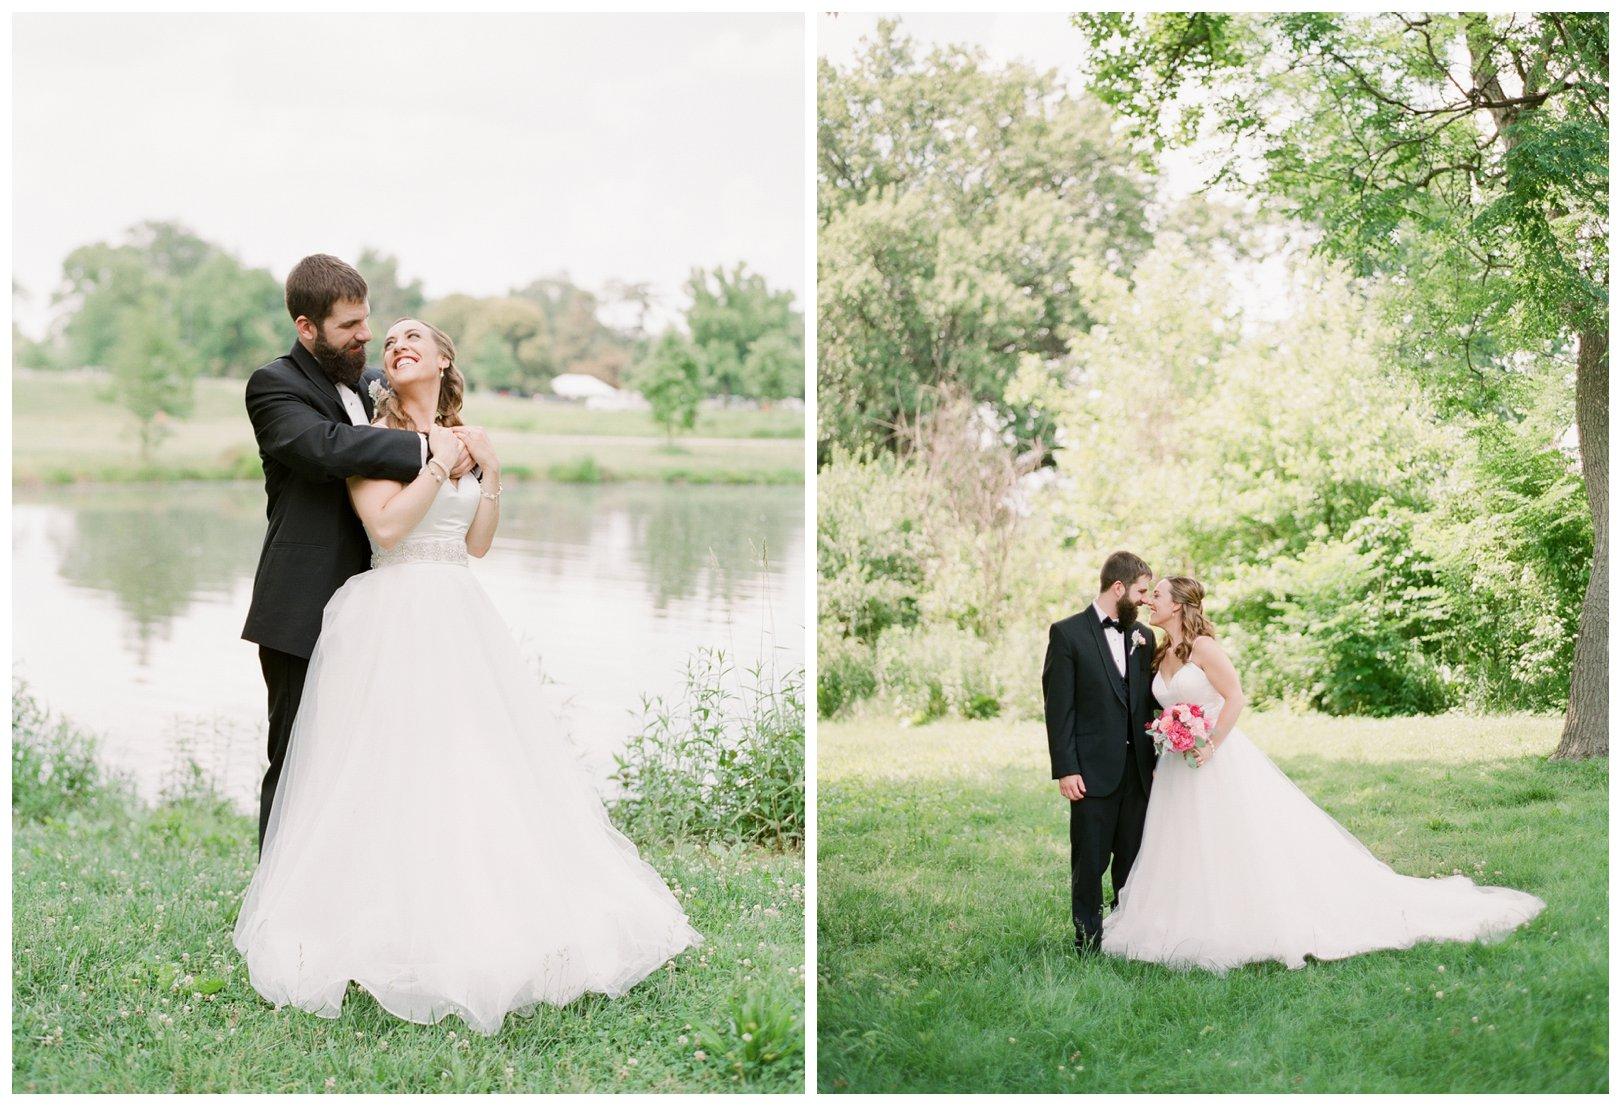 lauren muckler photography_fine art film wedding photography_st louis_photography_1104.jpg